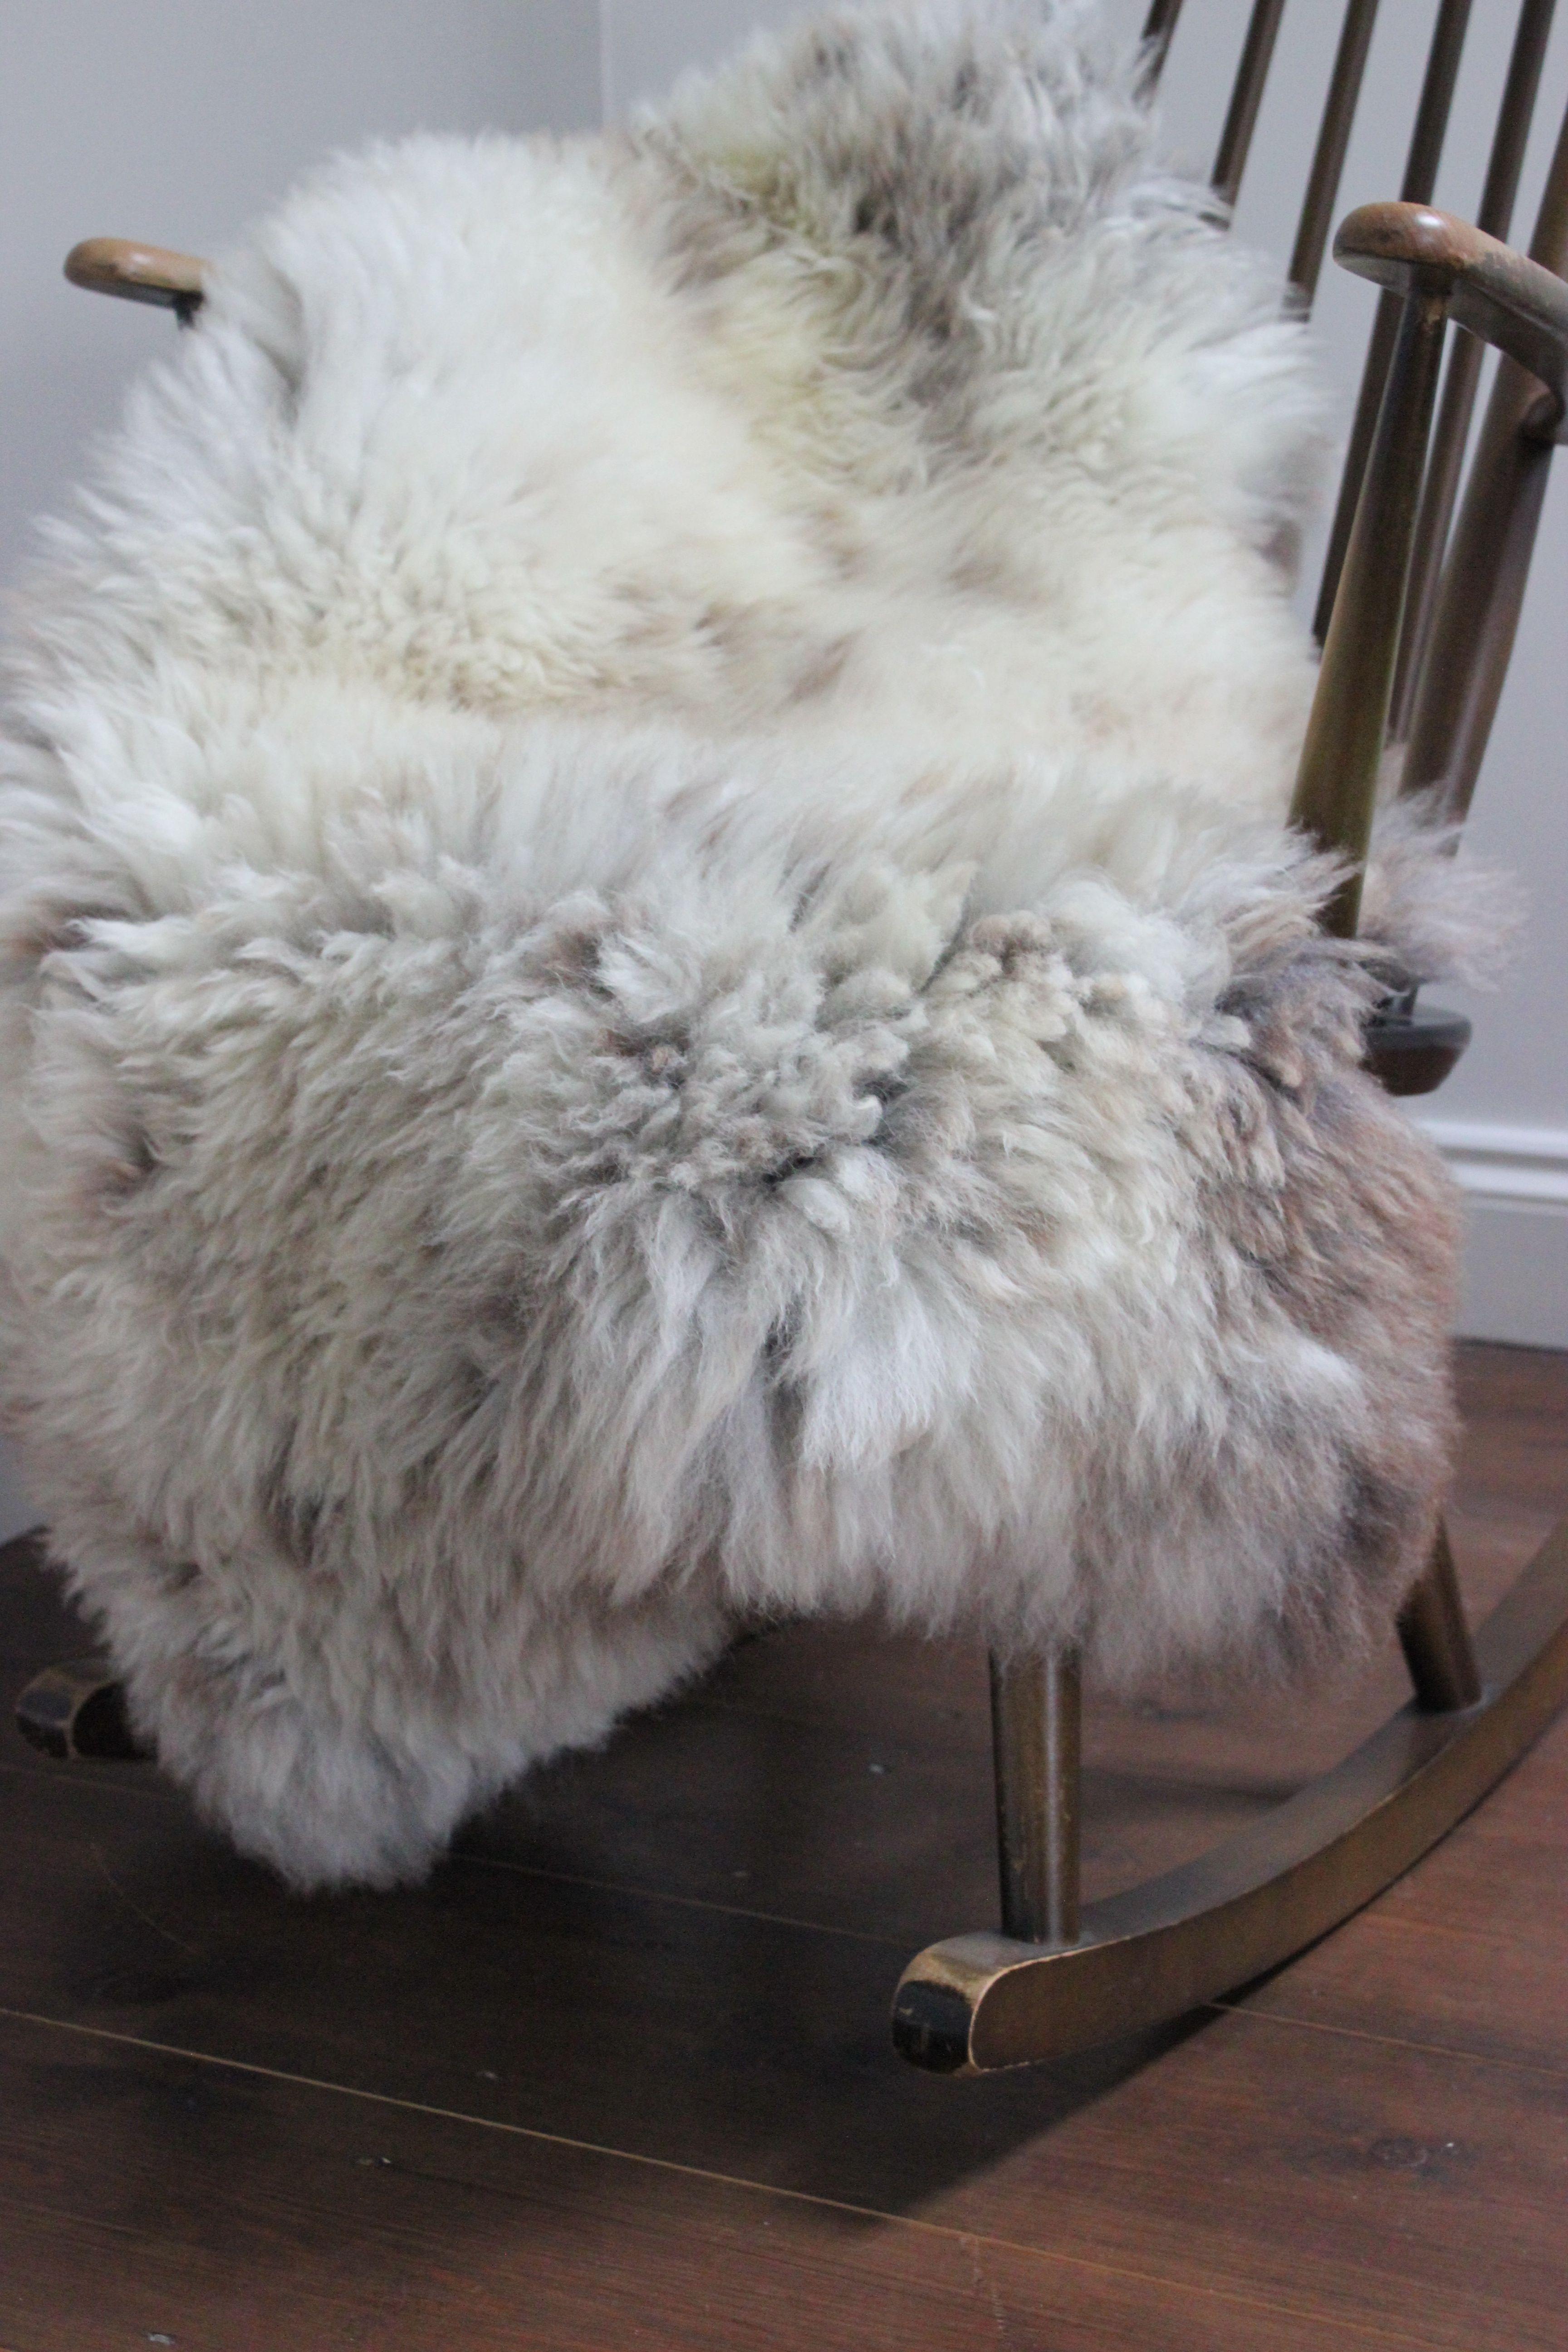 Rare Breed Sheepskin Rug In 2020 Sheepskin Rug White Sheepskin Rug Sheepskin